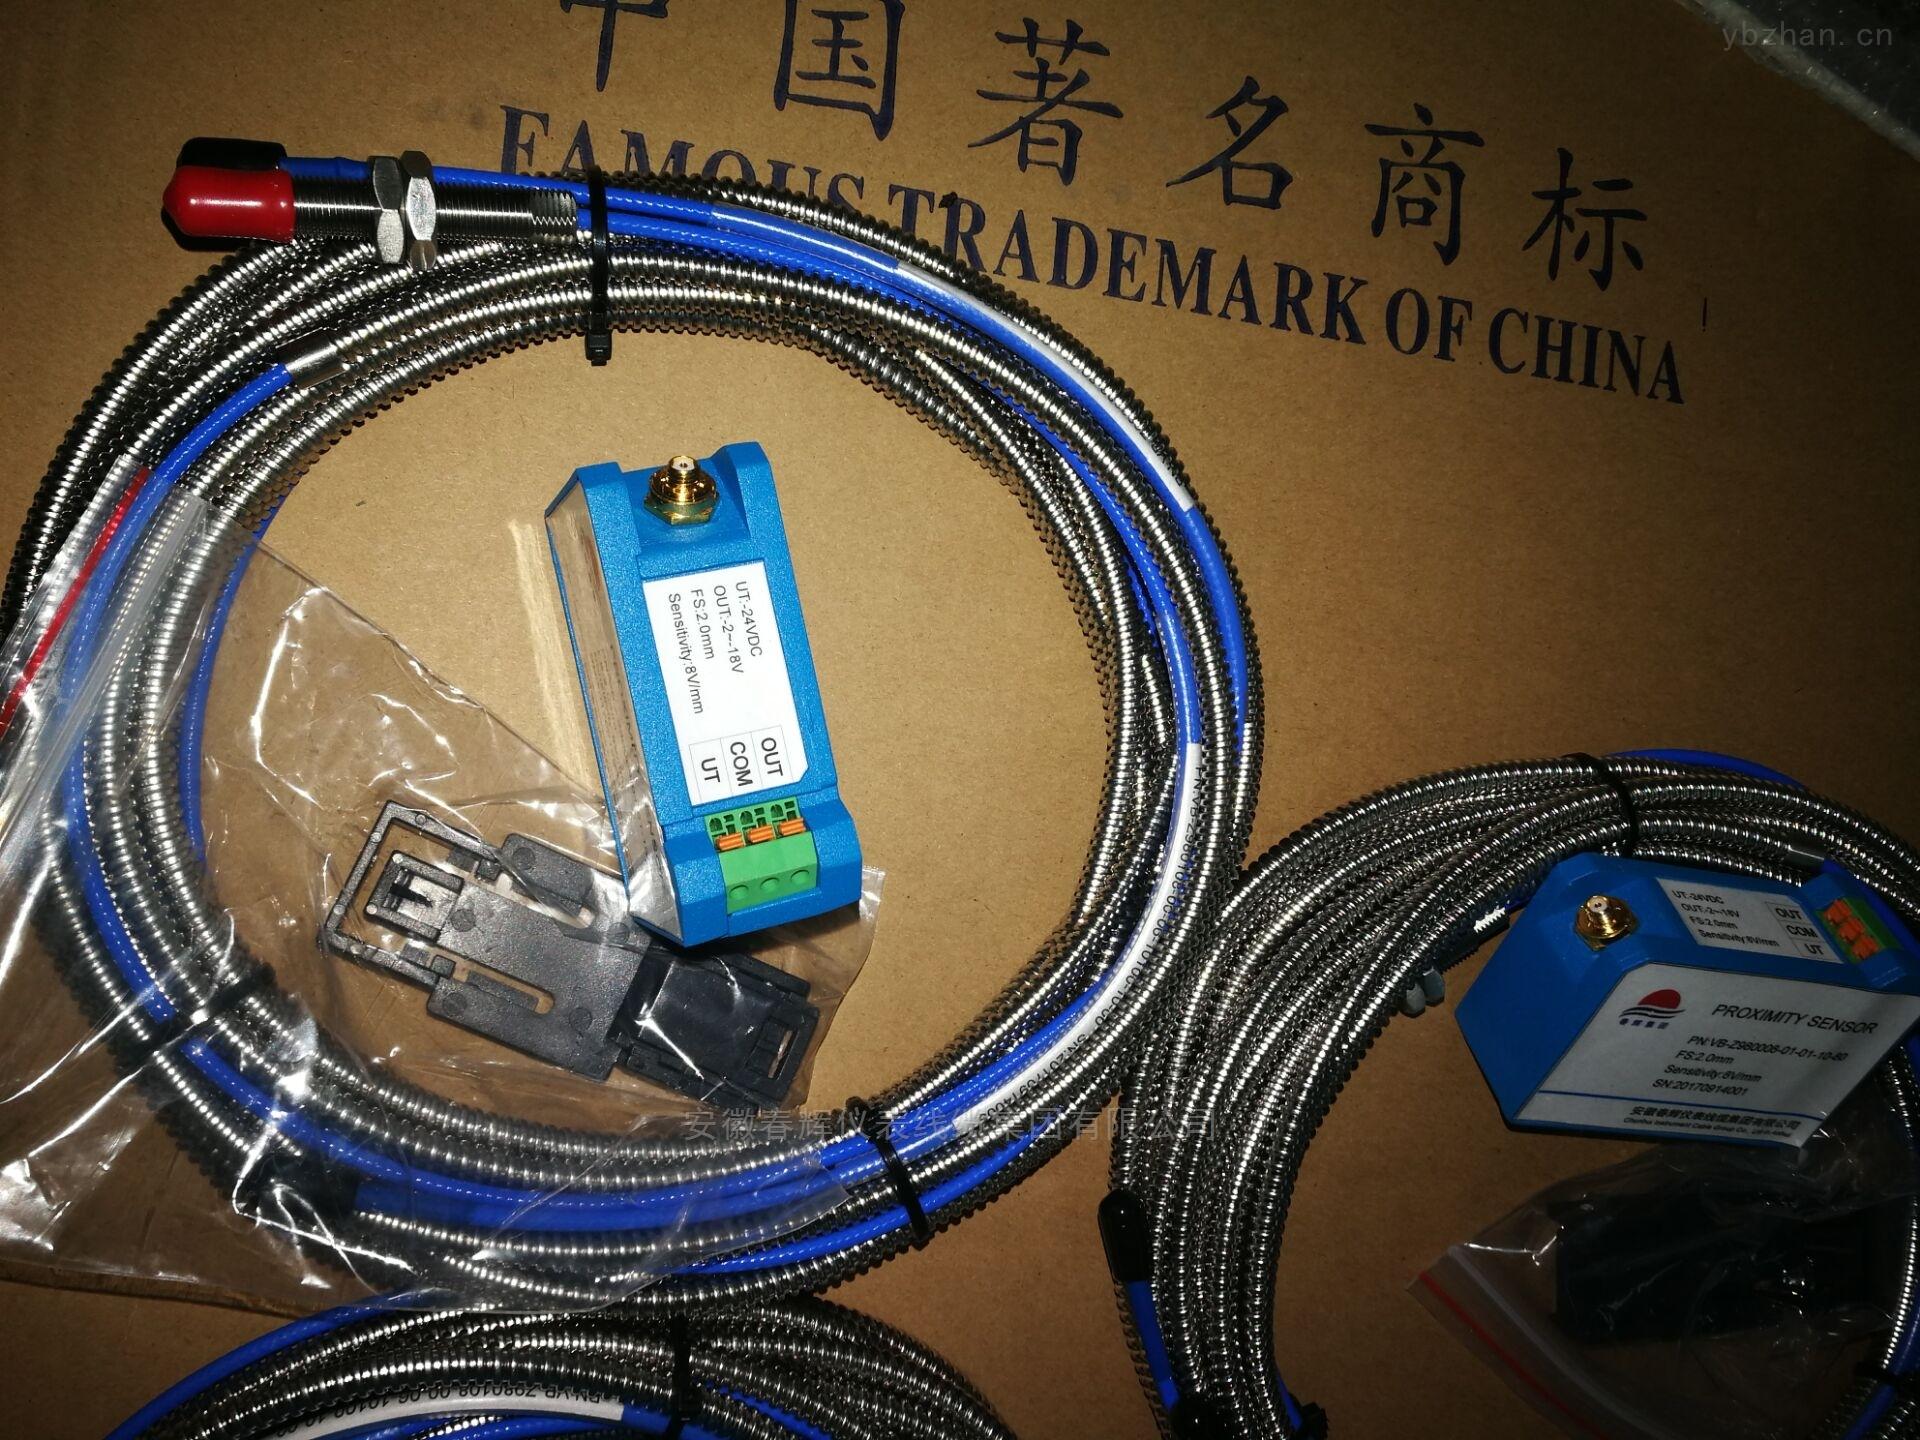 一体化电涡流传感器 春辉集团总部